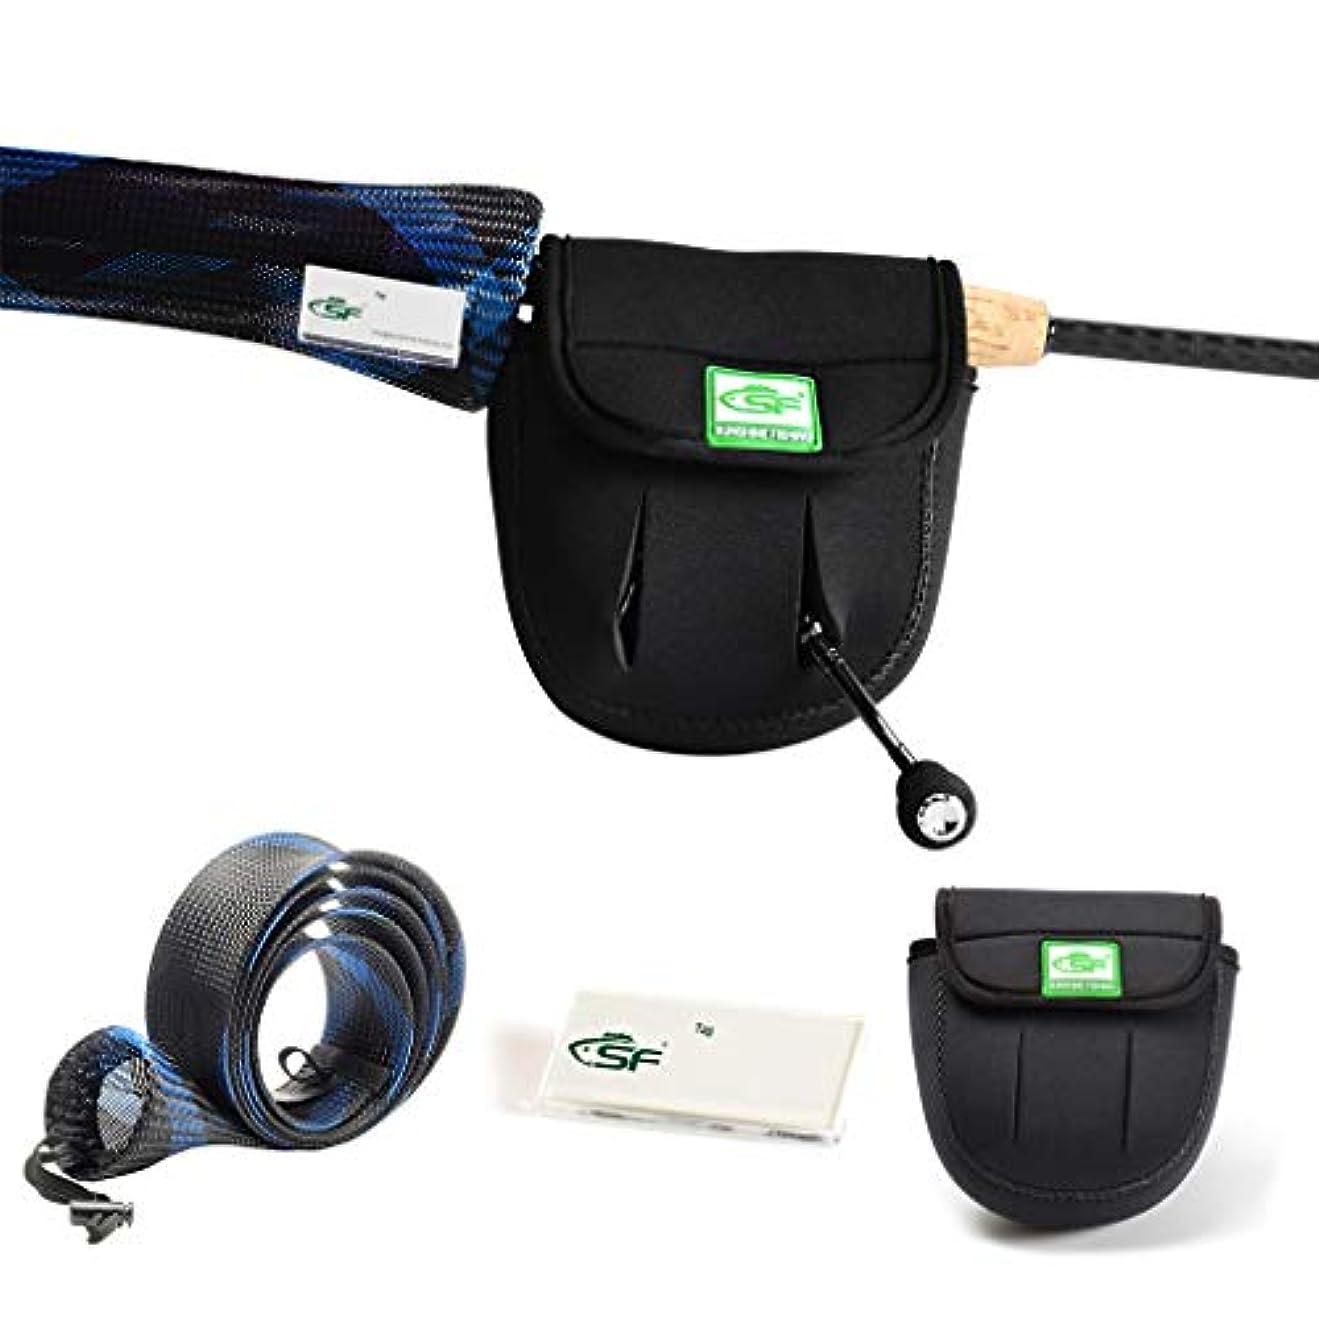 頑固なウィスキー頑固なSF製フィッシング用回転釣り竿カバー 釣り竿用ソックス 釣り竿用スリーブ